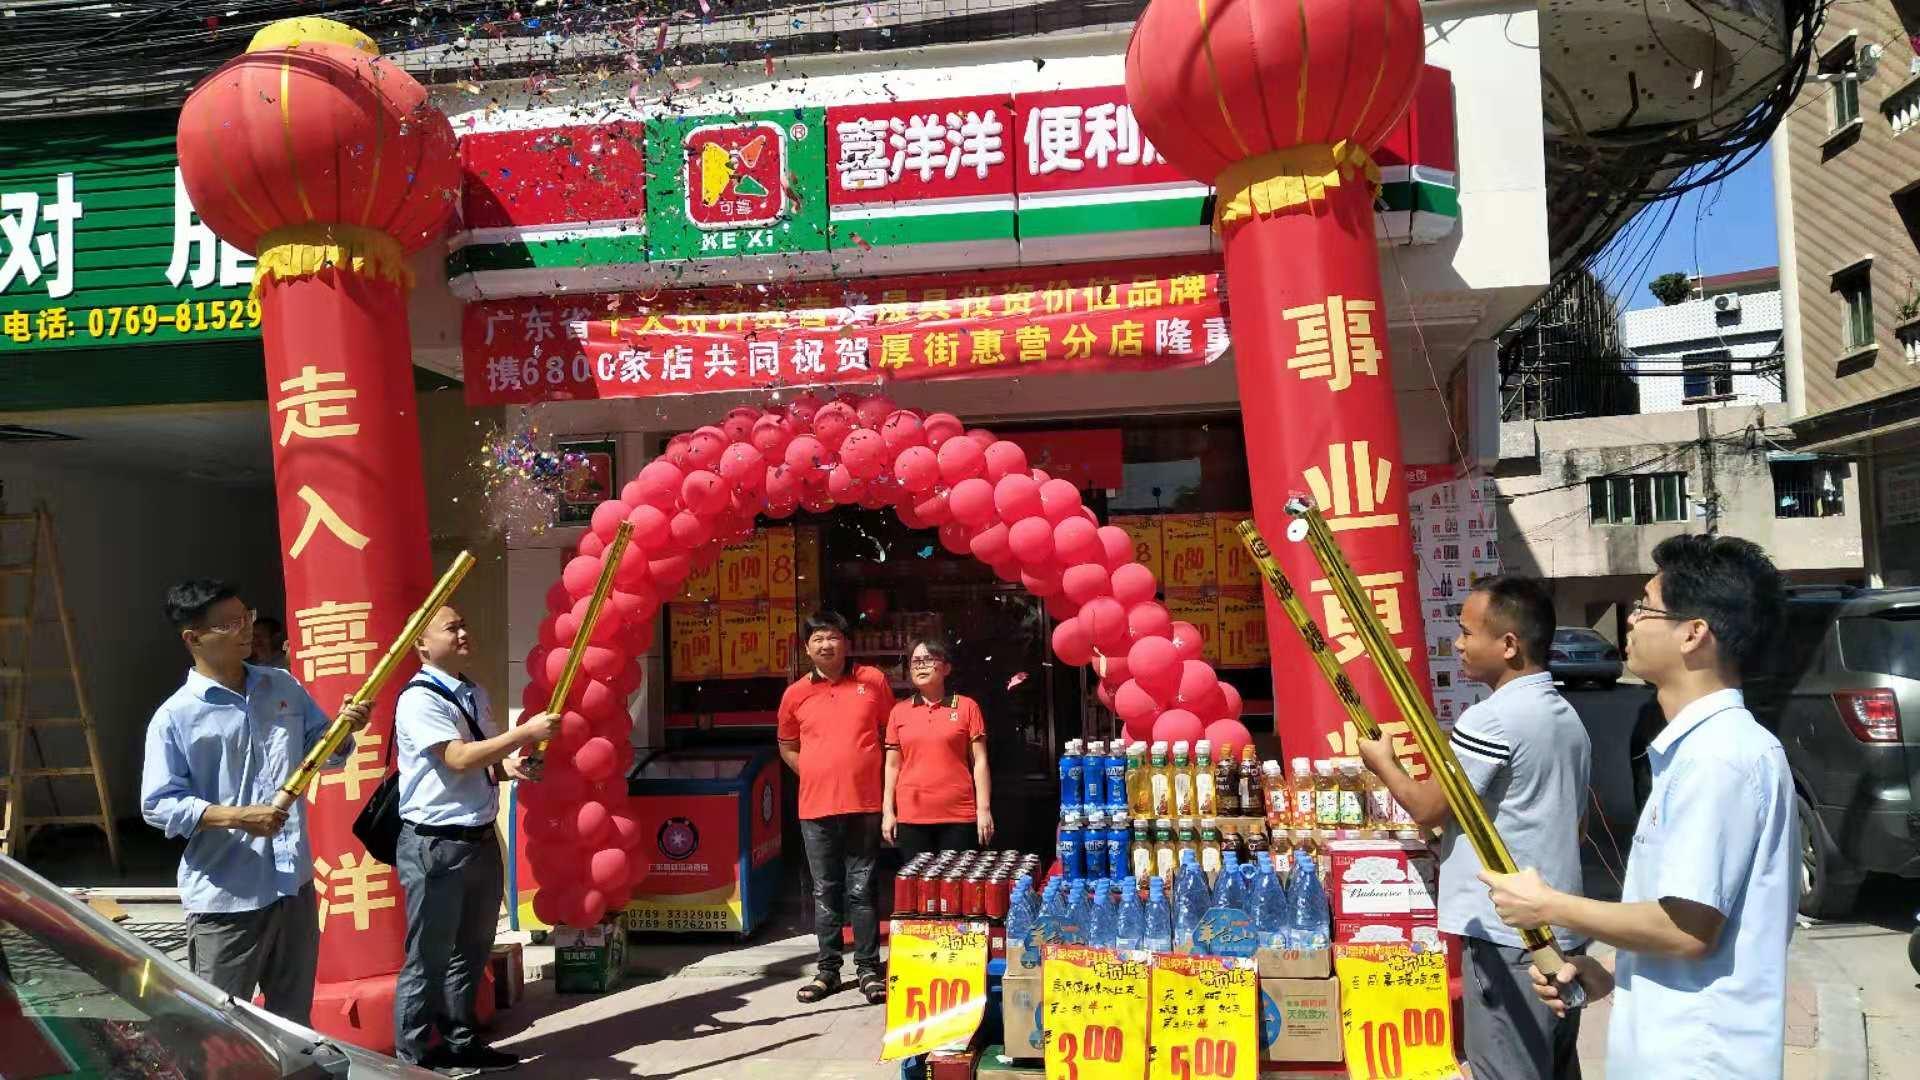 热烈祝贺喜洋洋10月28日又迎来新店开业:厚街惠营分店